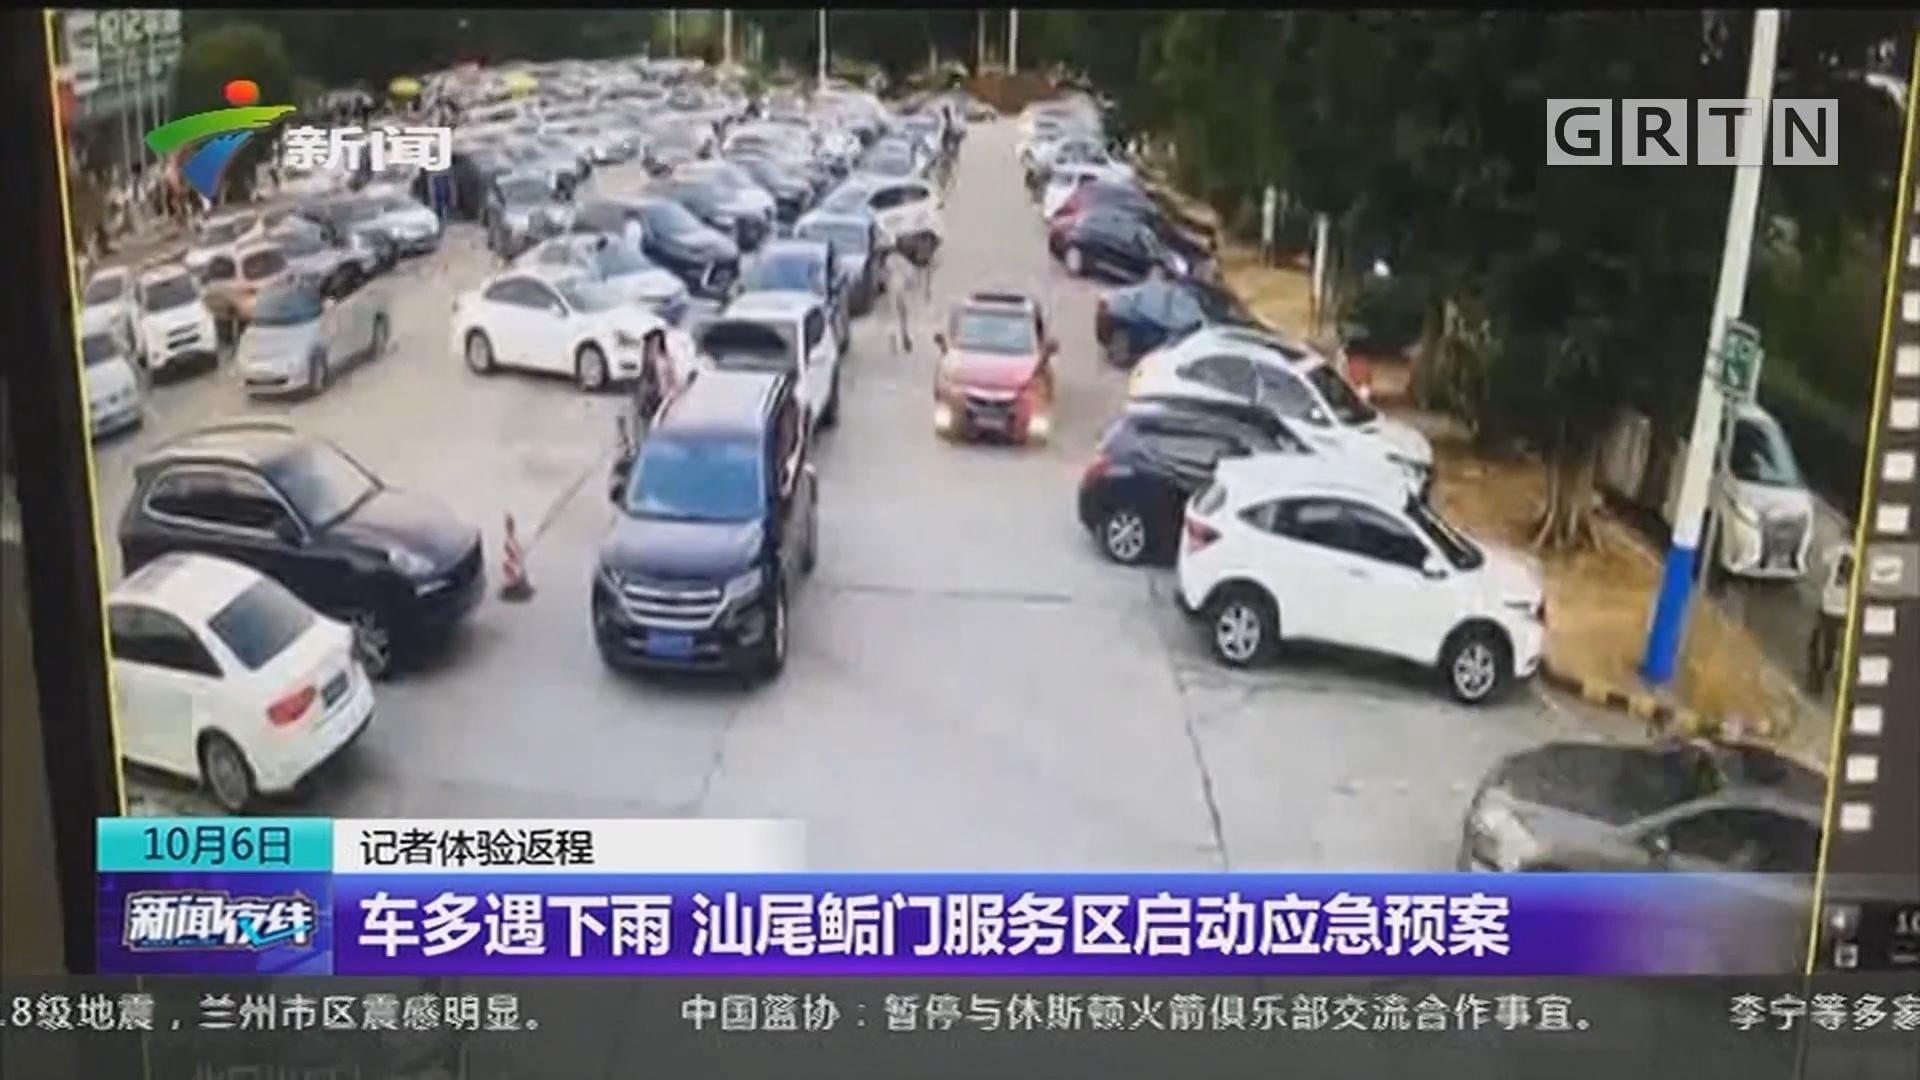 记者体验返程:车多遇下雨 汕尾鲘门服务区启动应急预案